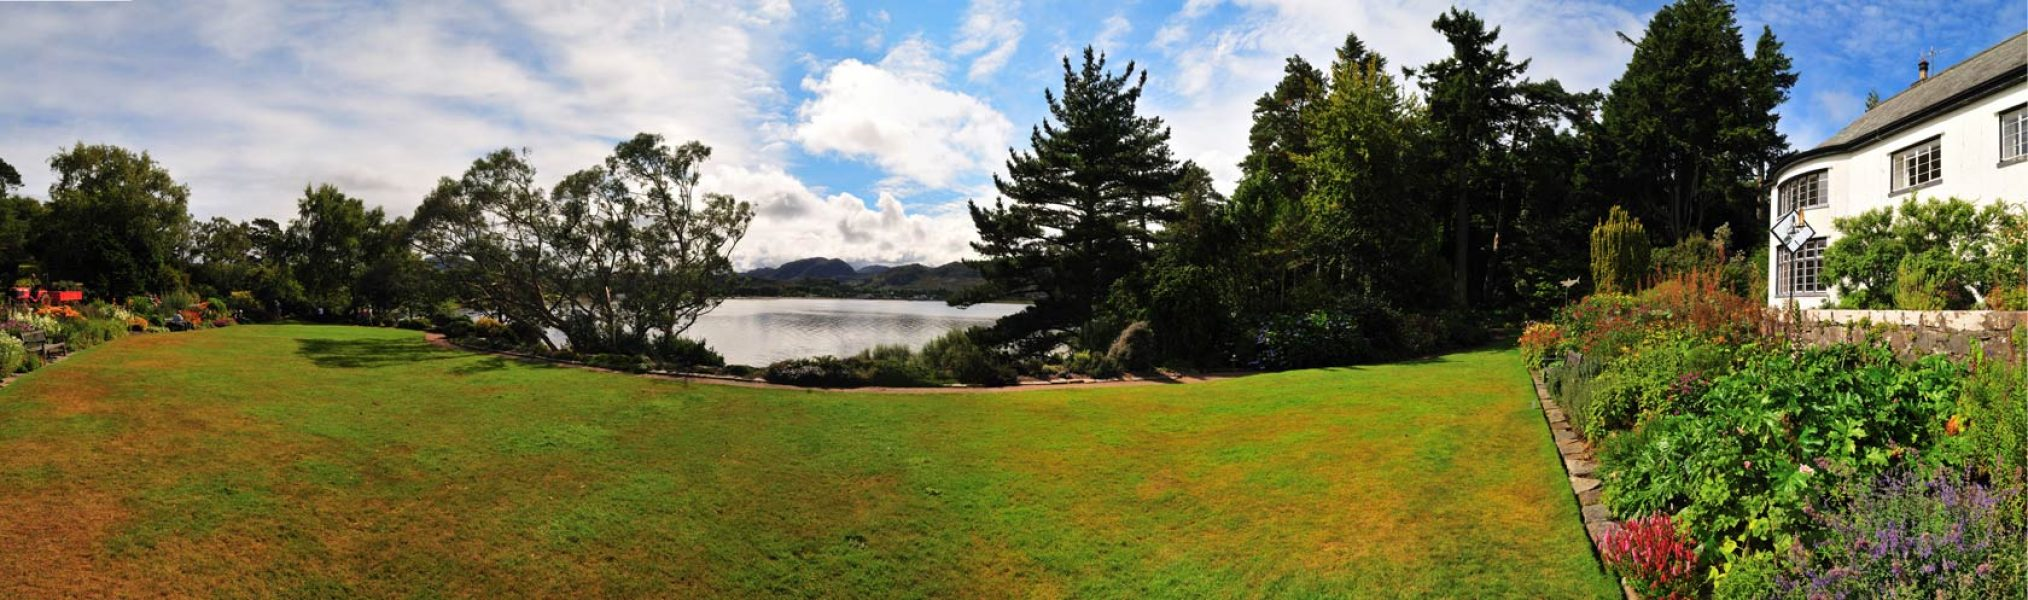 Inveruegds1_Panorama1.jpg